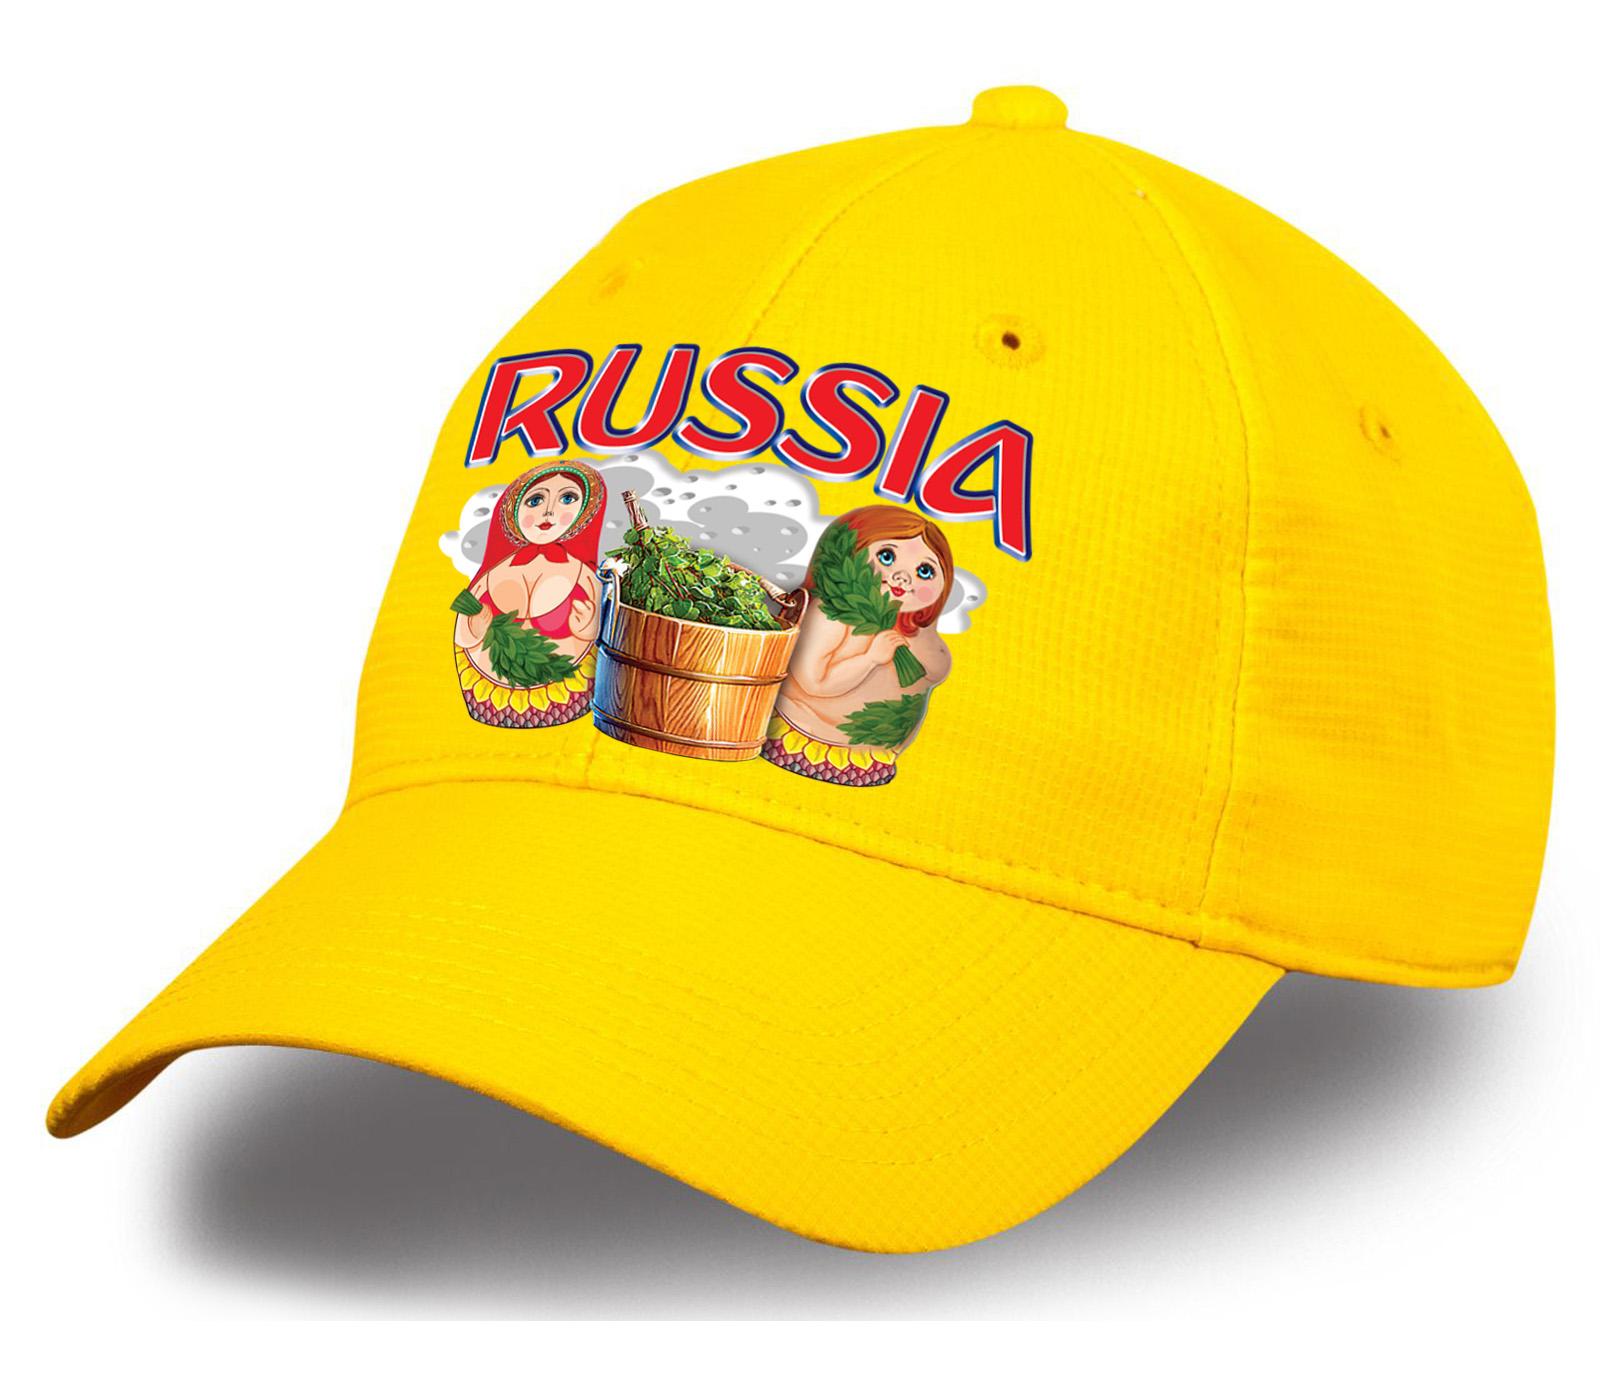 """Достойный подарок по любому поводу - бейсболка """"Russia матрешки"""". Яркий, устойчивый к выгоранию цвет, плотный хлопок. Предложение ограничено, успей заказать!"""